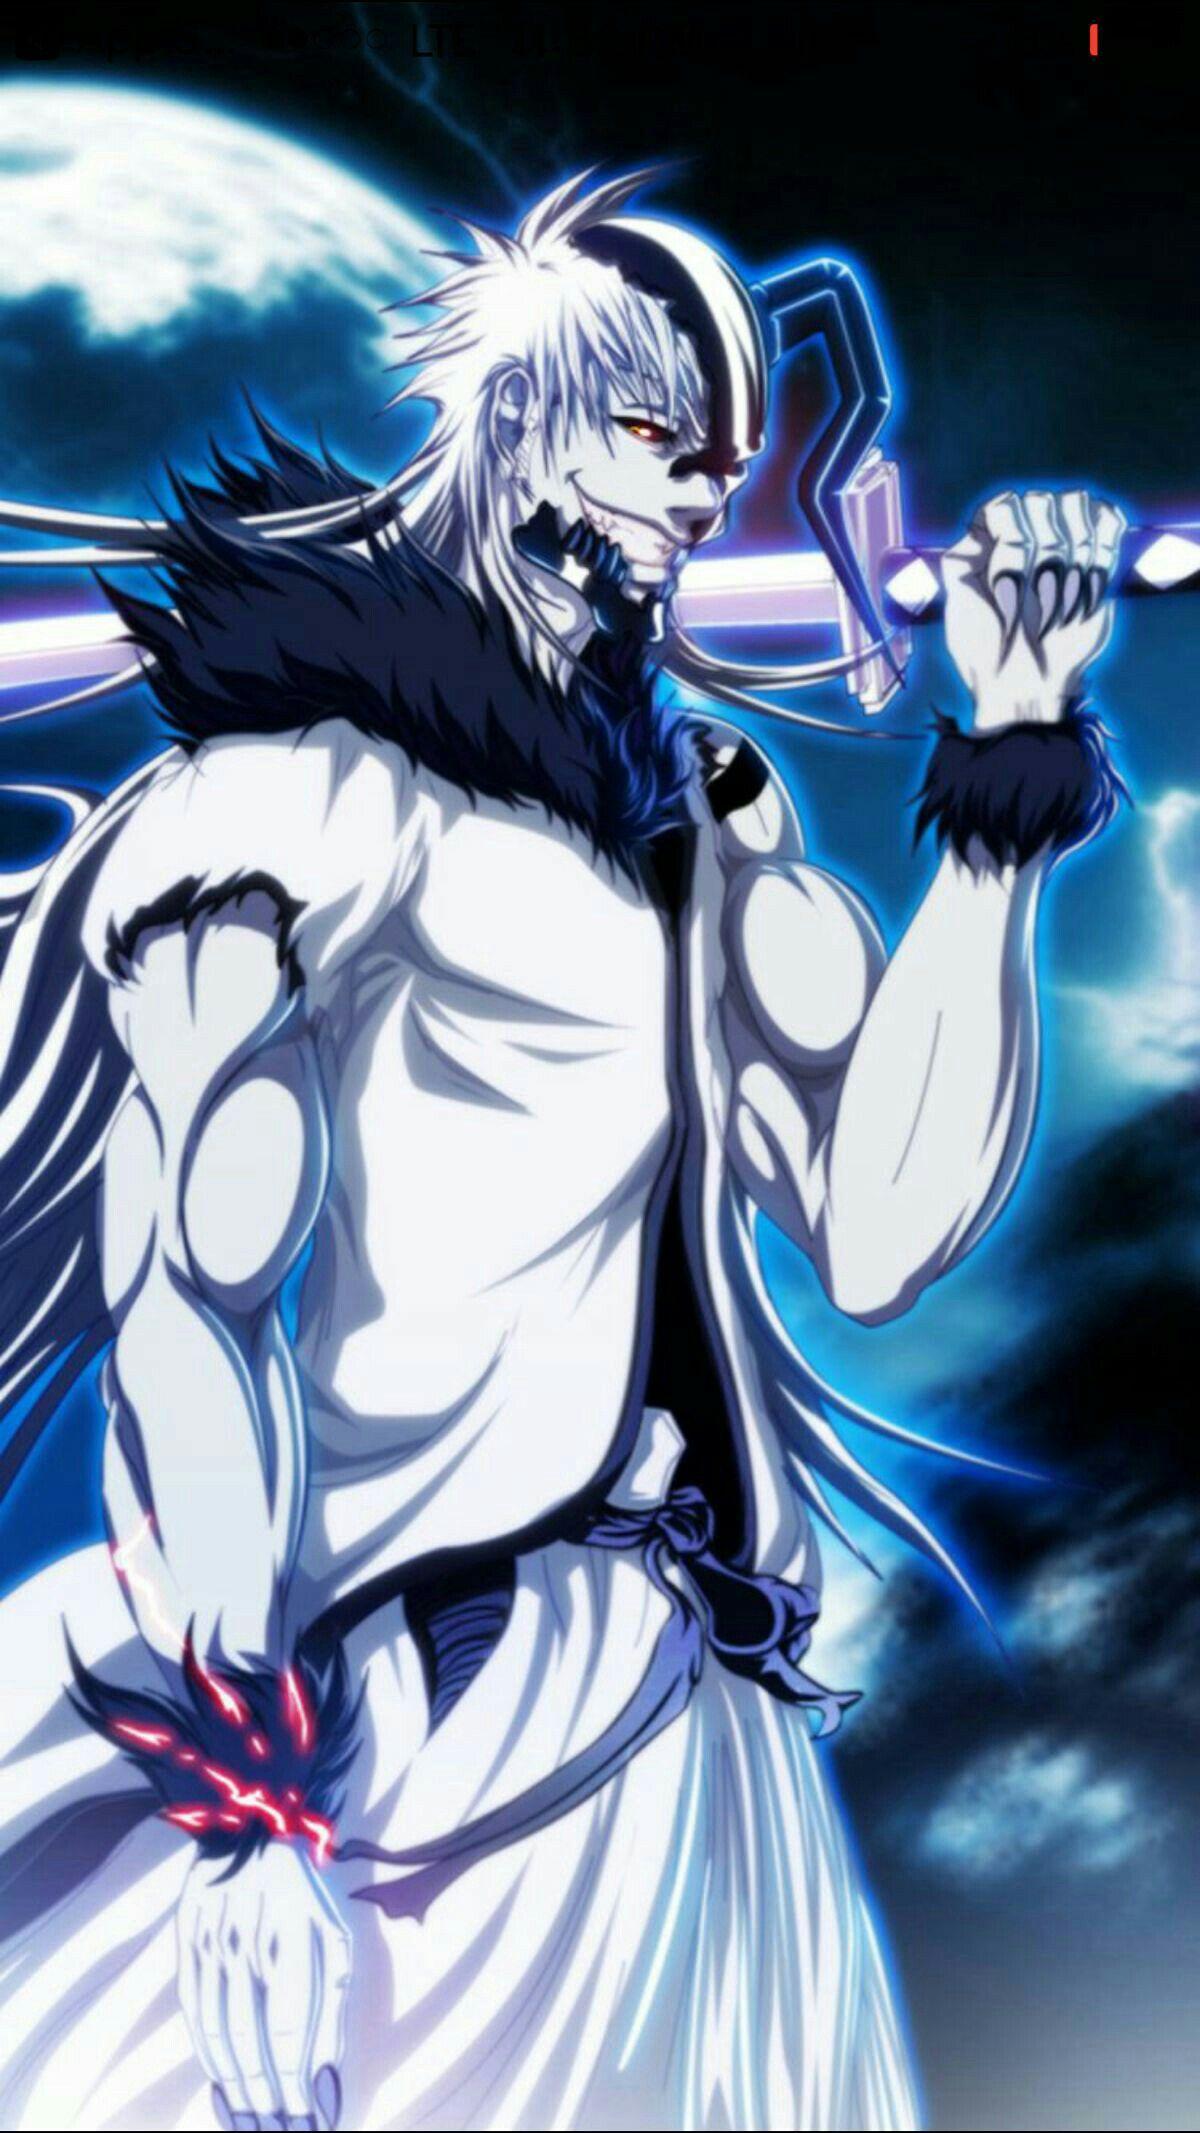 Another Design For Our Hichigo Bleach Anime Ichigo Bleach Characters Bleach Anime